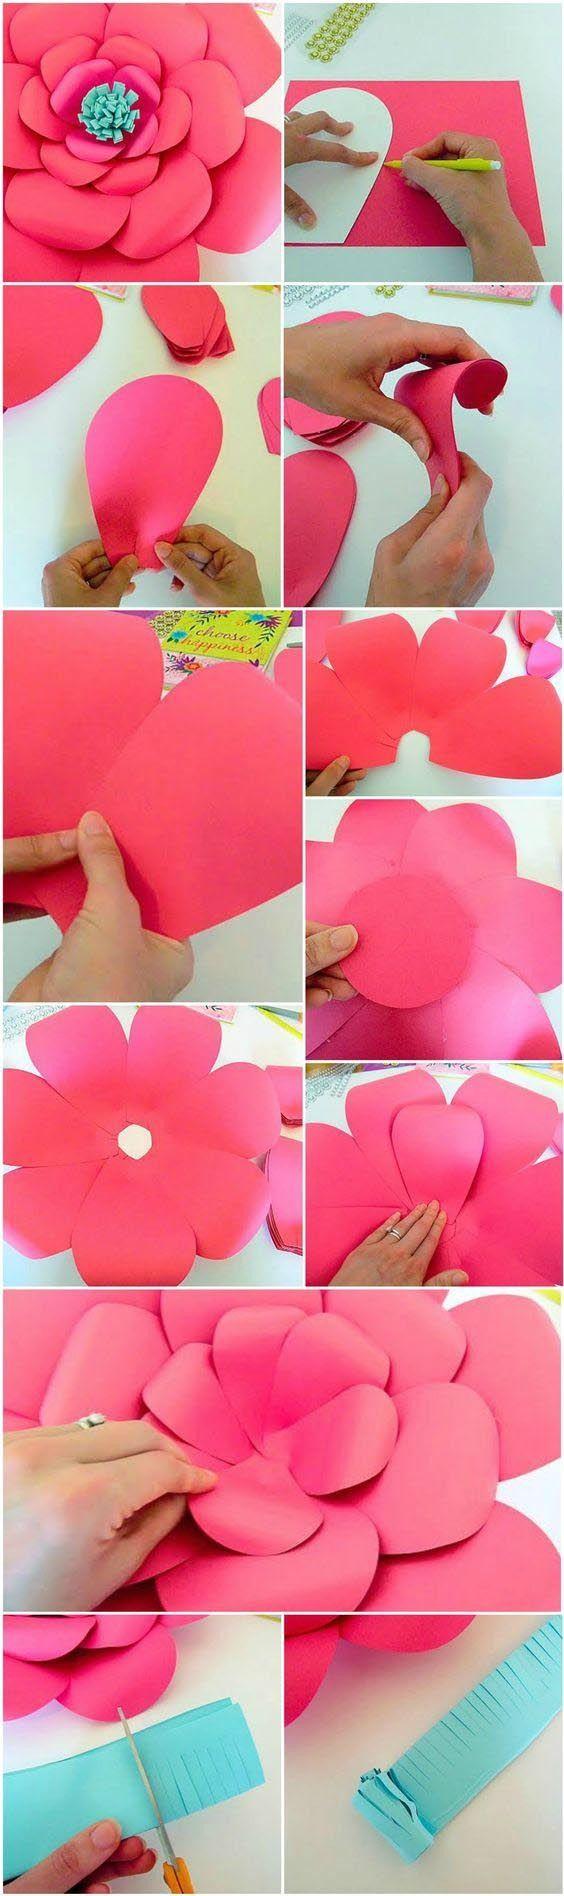 Цветы из бумаги для оформления стены своими руками